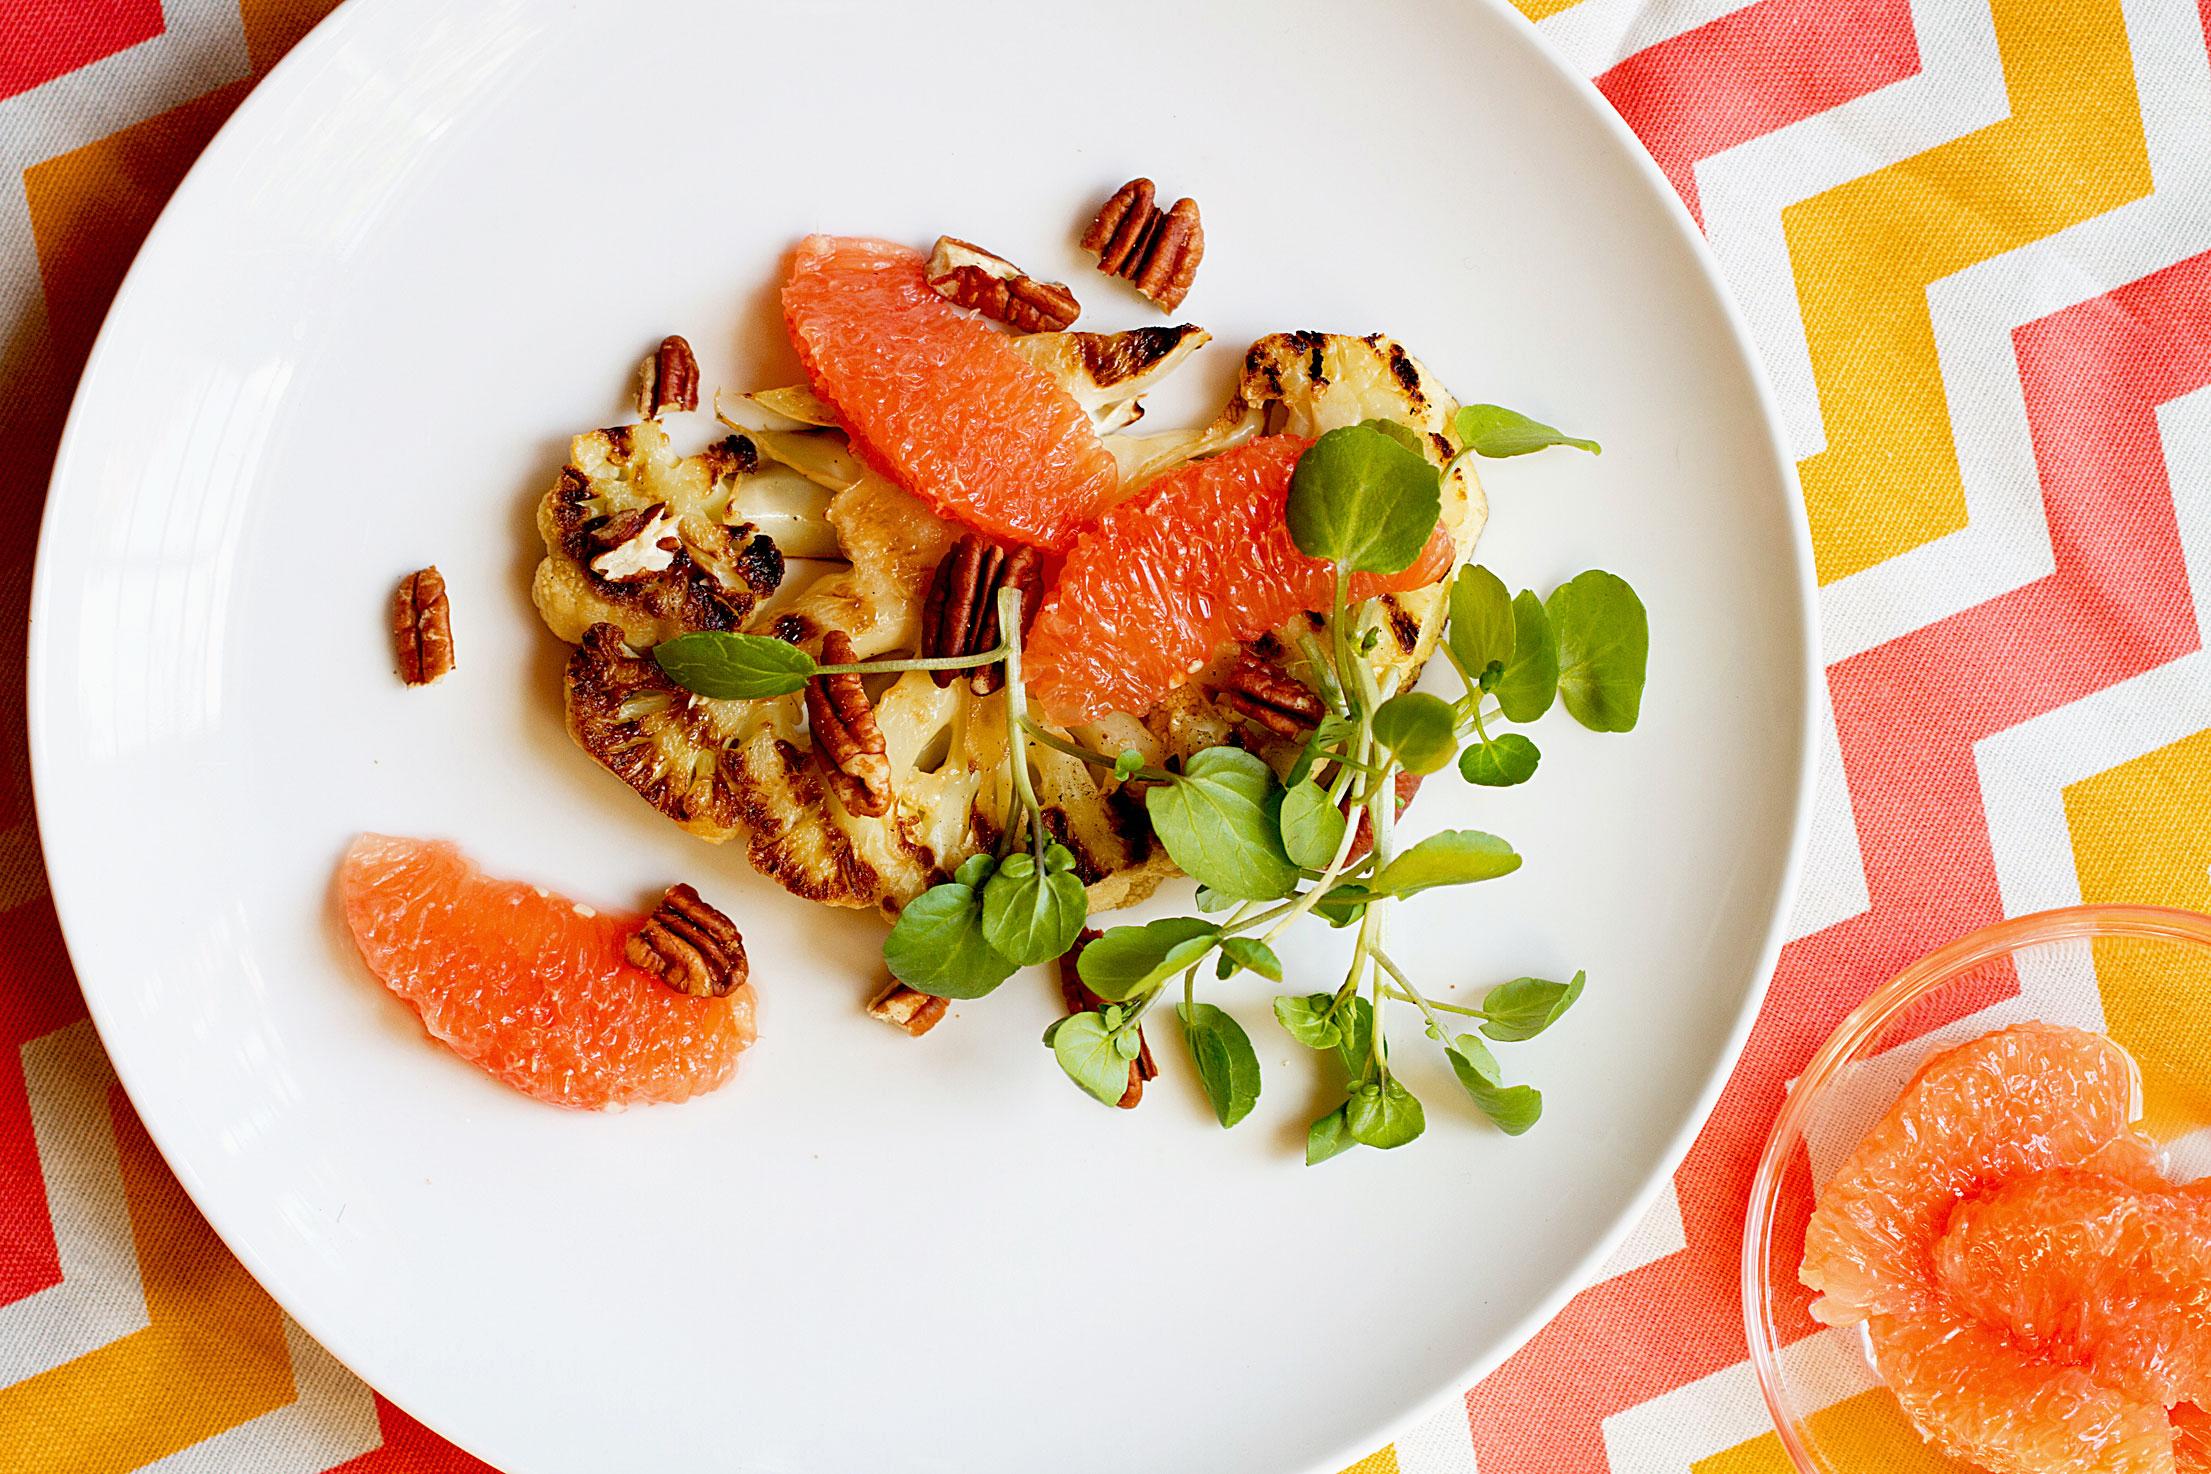 Eat a Little Better: Grilled Cauliflower Steaks